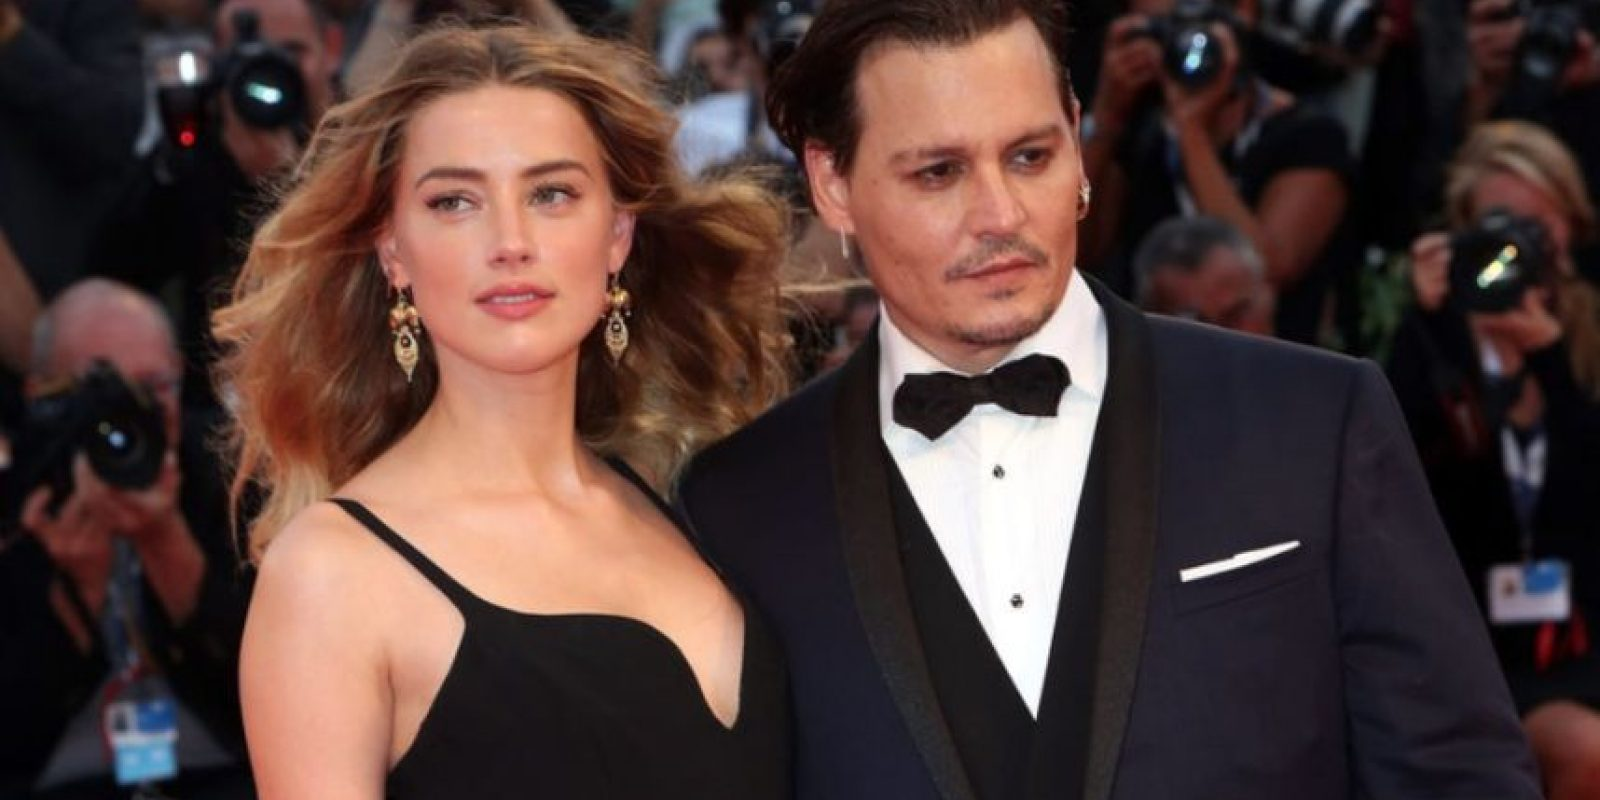 Amber solicitó el divorcio a Depp el 23 de mayo Foto:Getty Images